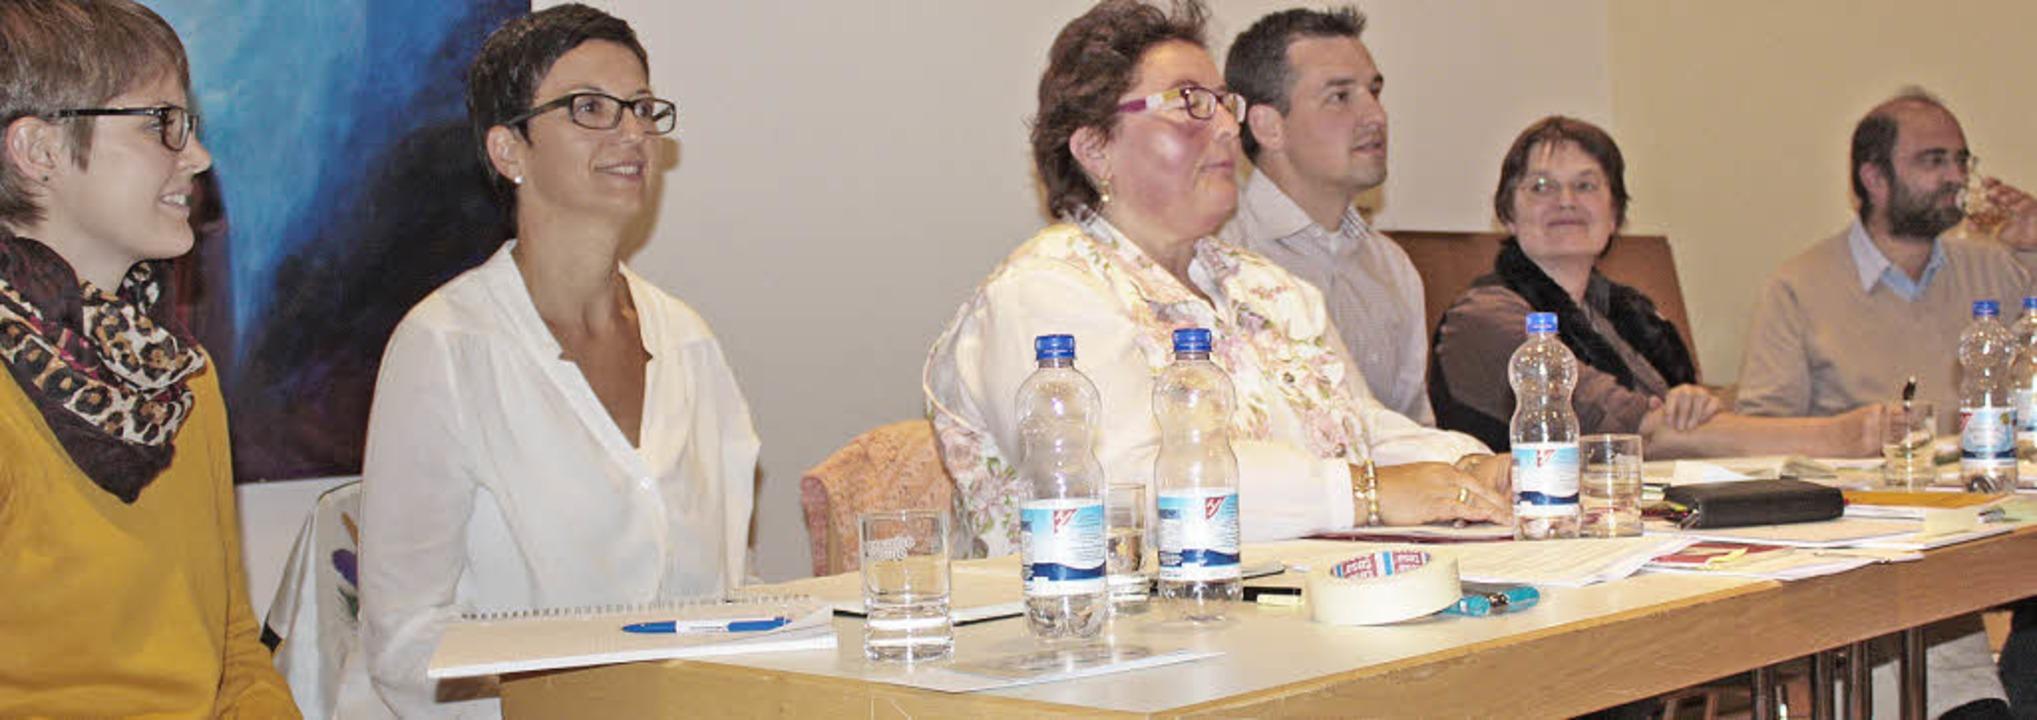 Standen Rede und Antwort (v.li.): Tanj...t, Ruth Reinhard und Thomas Schwarz.    | Foto: Dorothée Kuhlmann